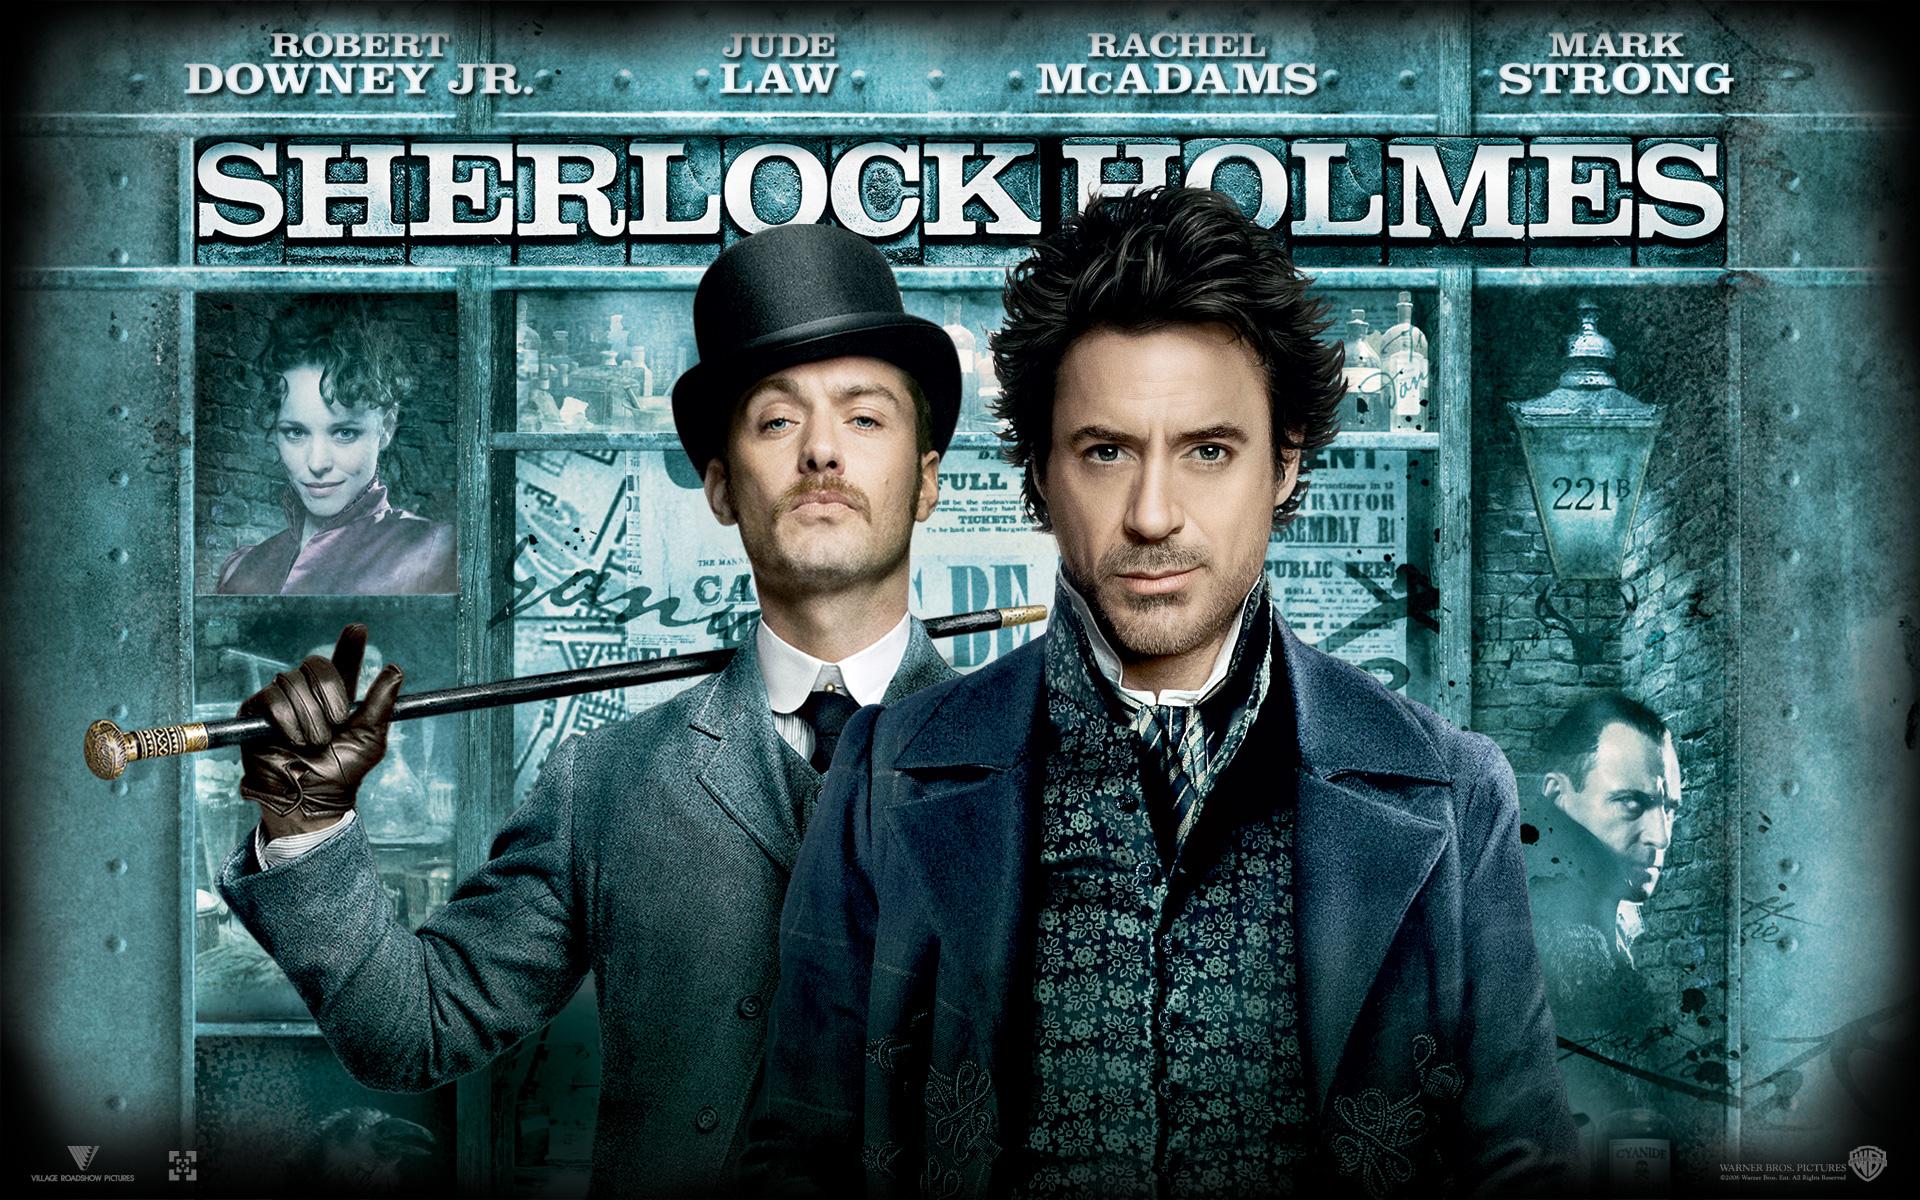 Sherlock Holmes Movie Free on Google Play Movies - Techfameplus